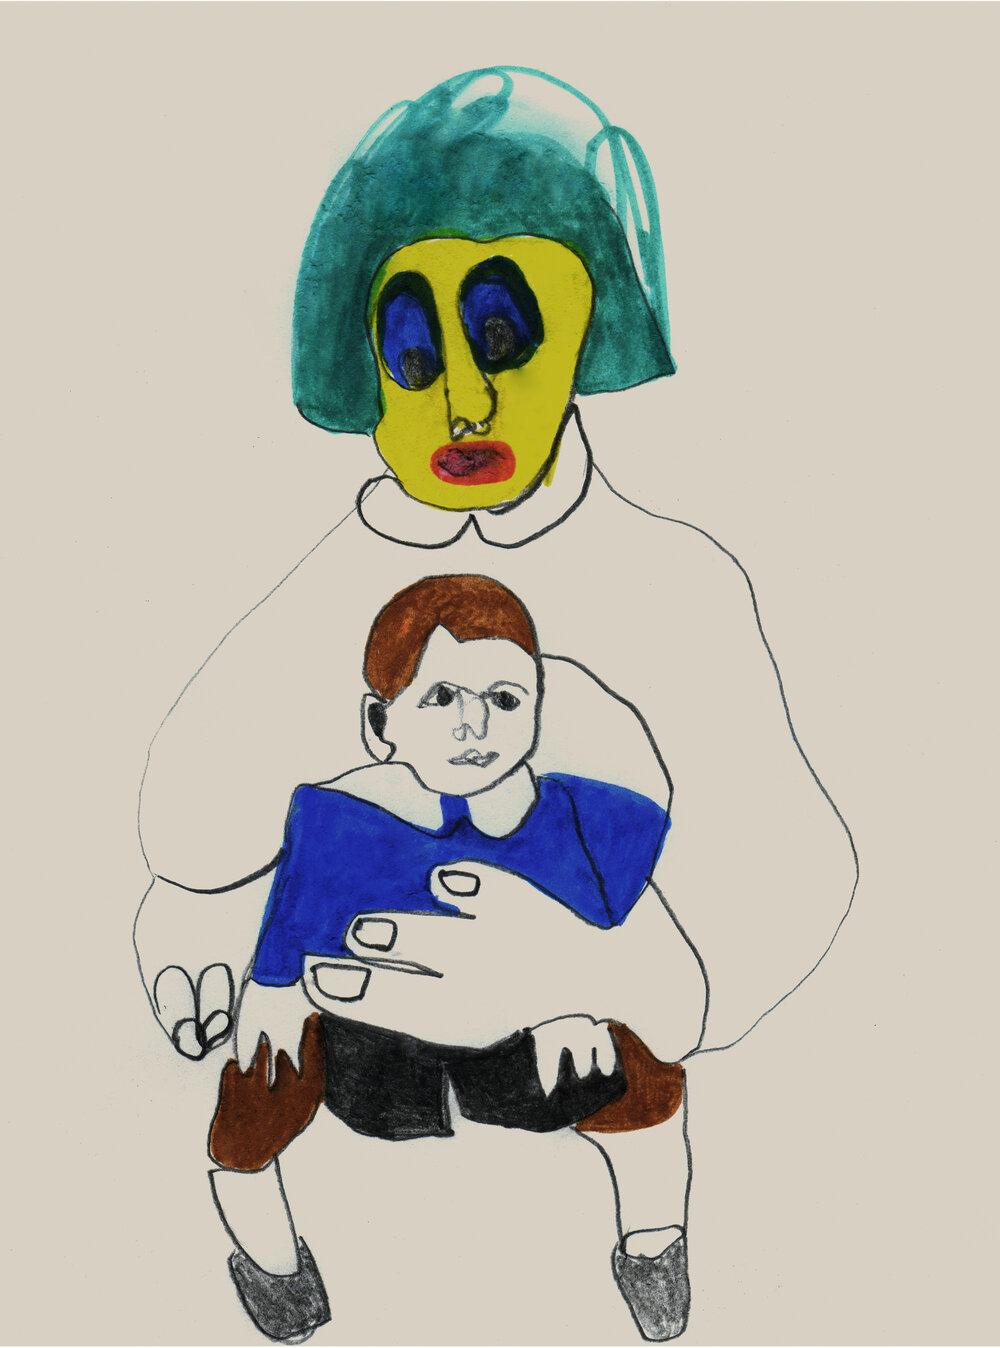 «У 2019 році народилося 146 474 696 дітей», Ярослав Солоп, серія «Енциклопедія дивовижних фактів», 2020